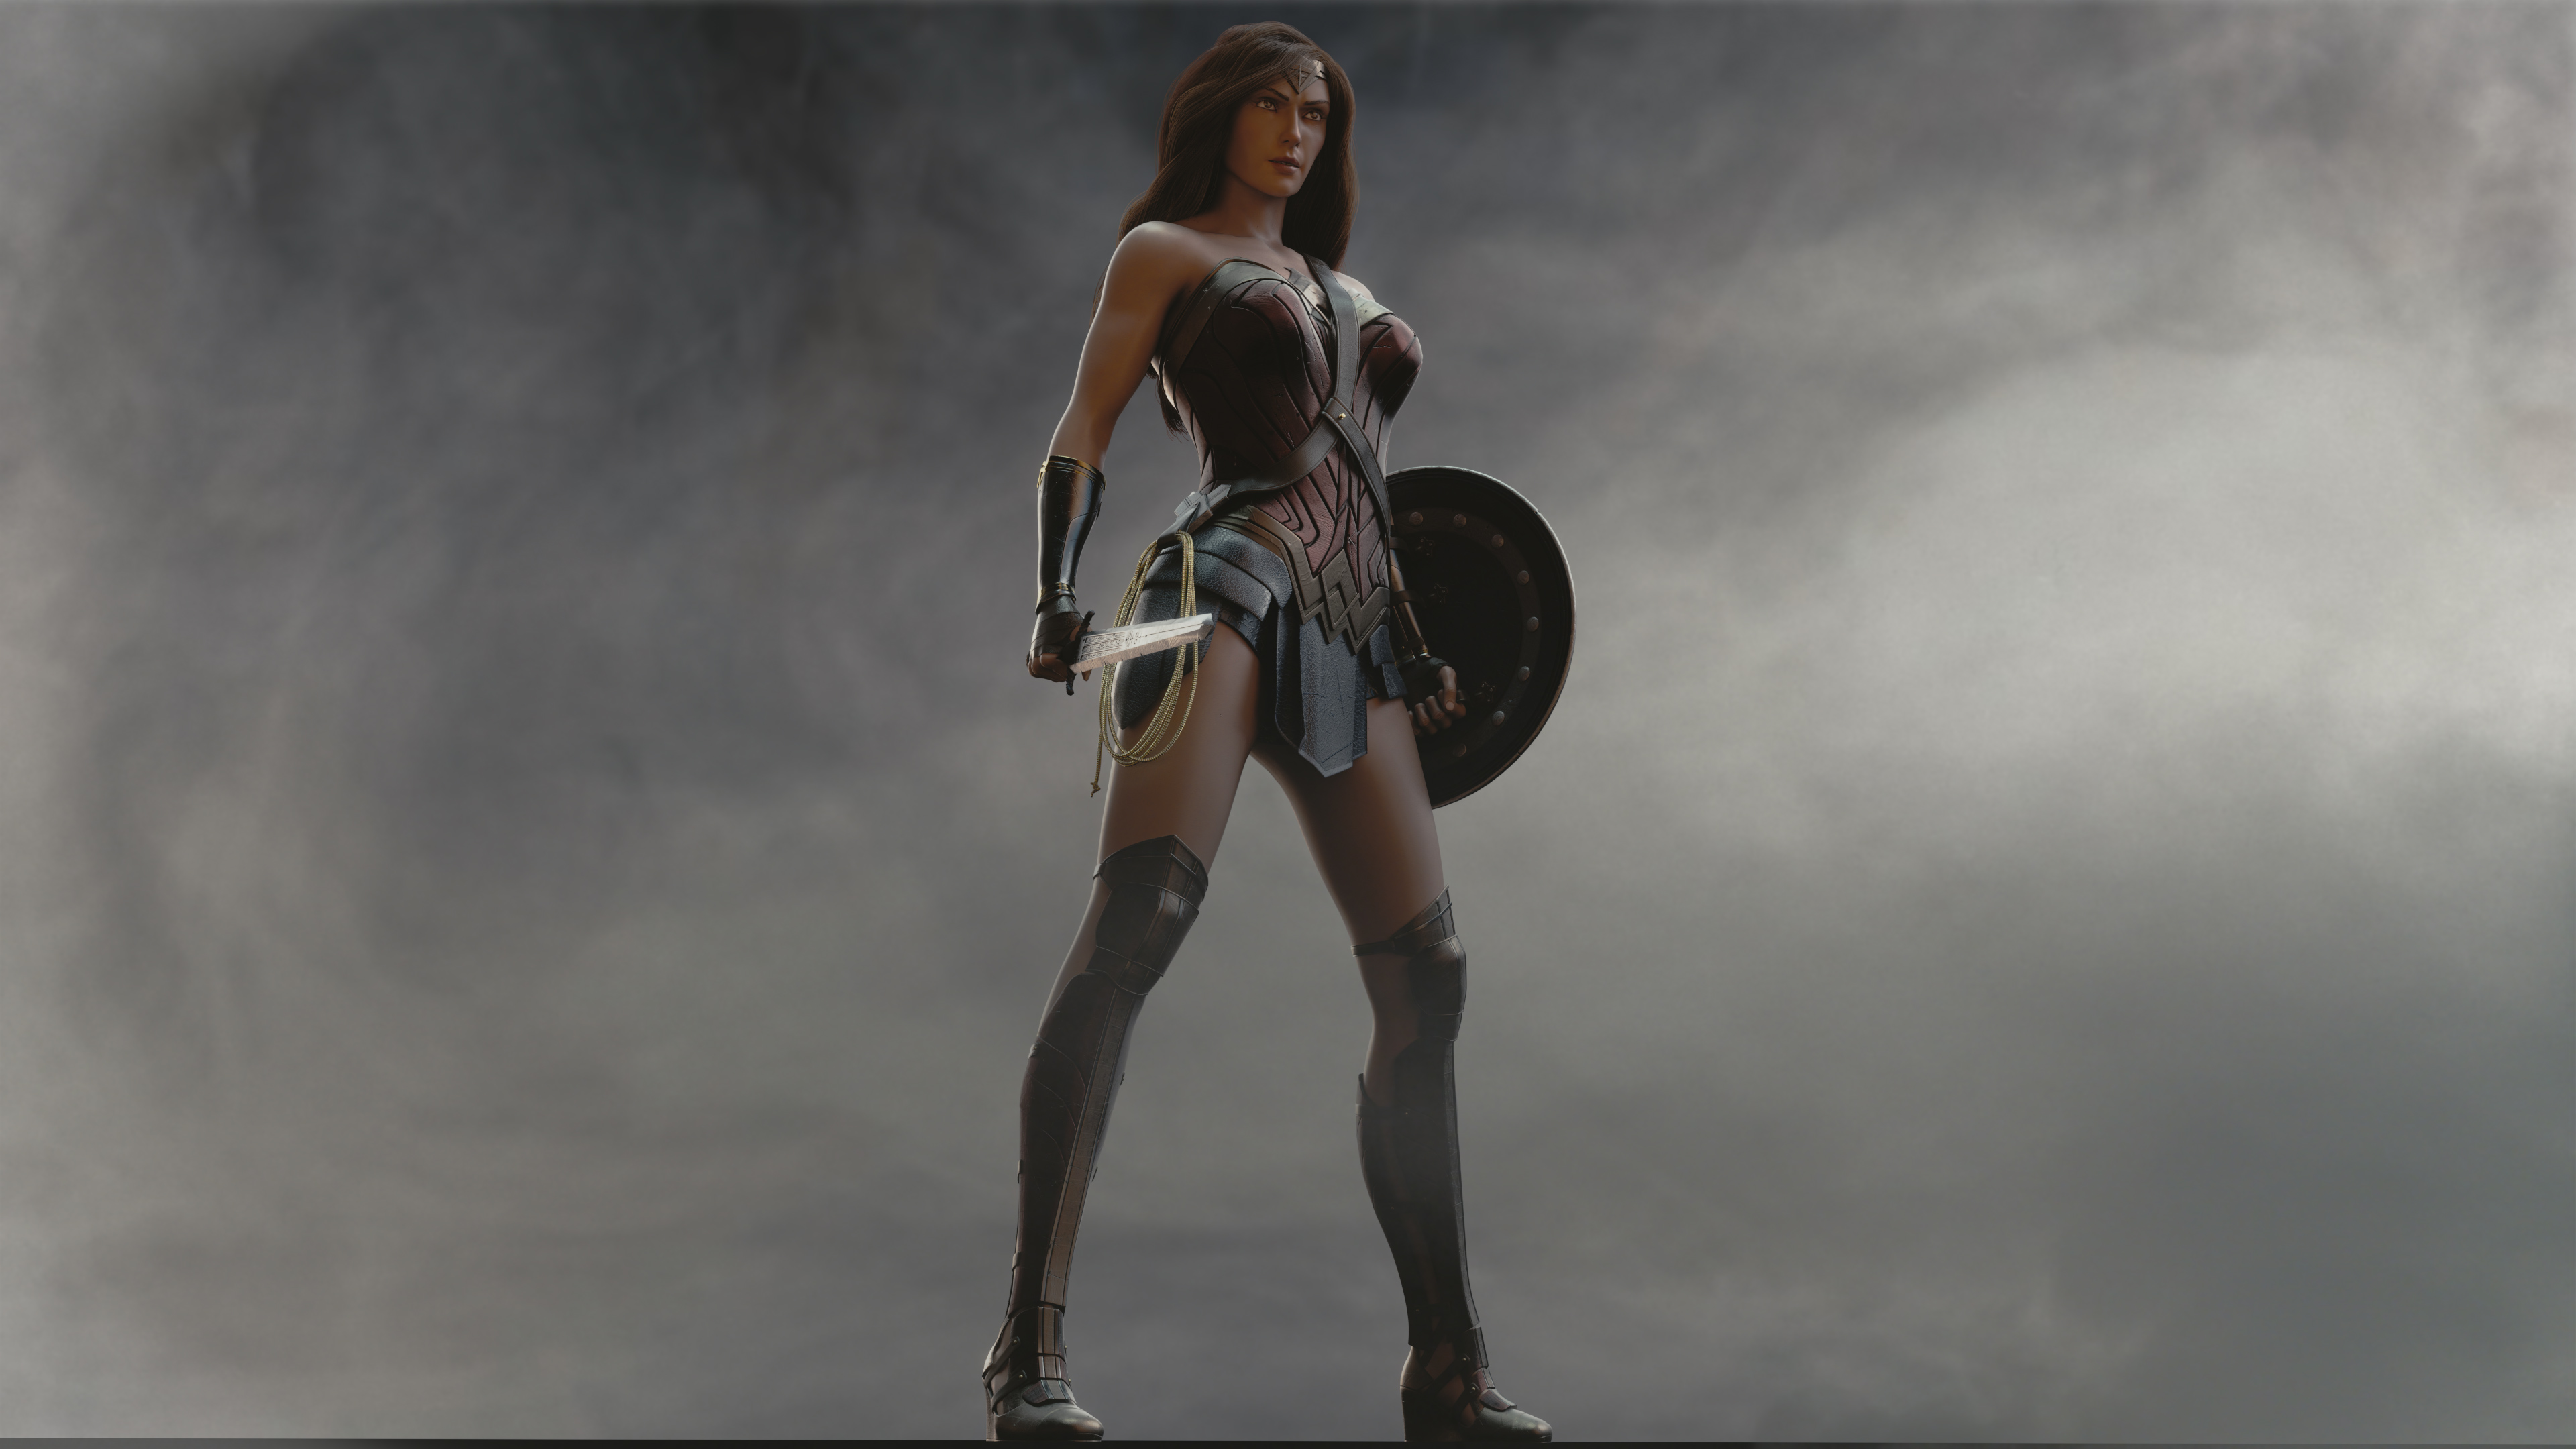 4k new wonder woman 2019 1553071914 - 4k New Wonder Woman 2019 - wonder woman wallpapers, superheroes wallpapers, hd-wallpapers, deviantart wallpapers, artwork wallpapers, artist wallpapers, 4k-wallpapers